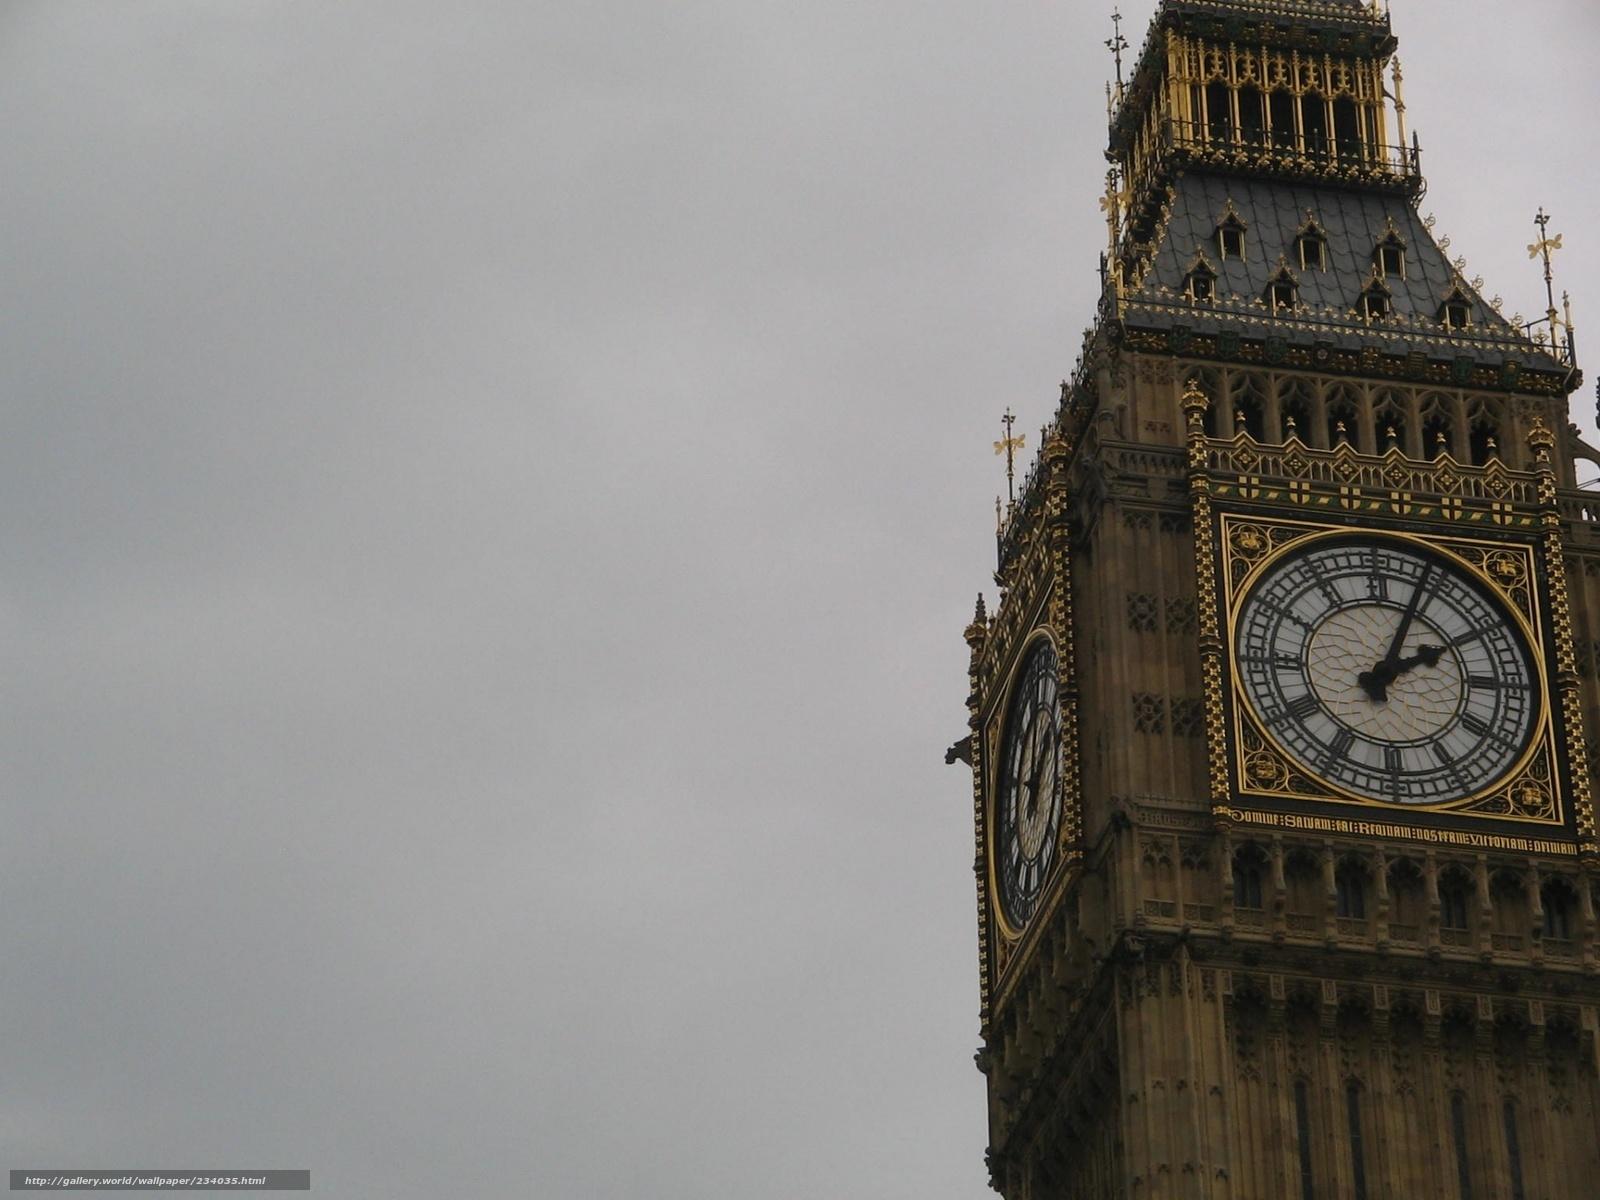 Англия лондон биг бен часы